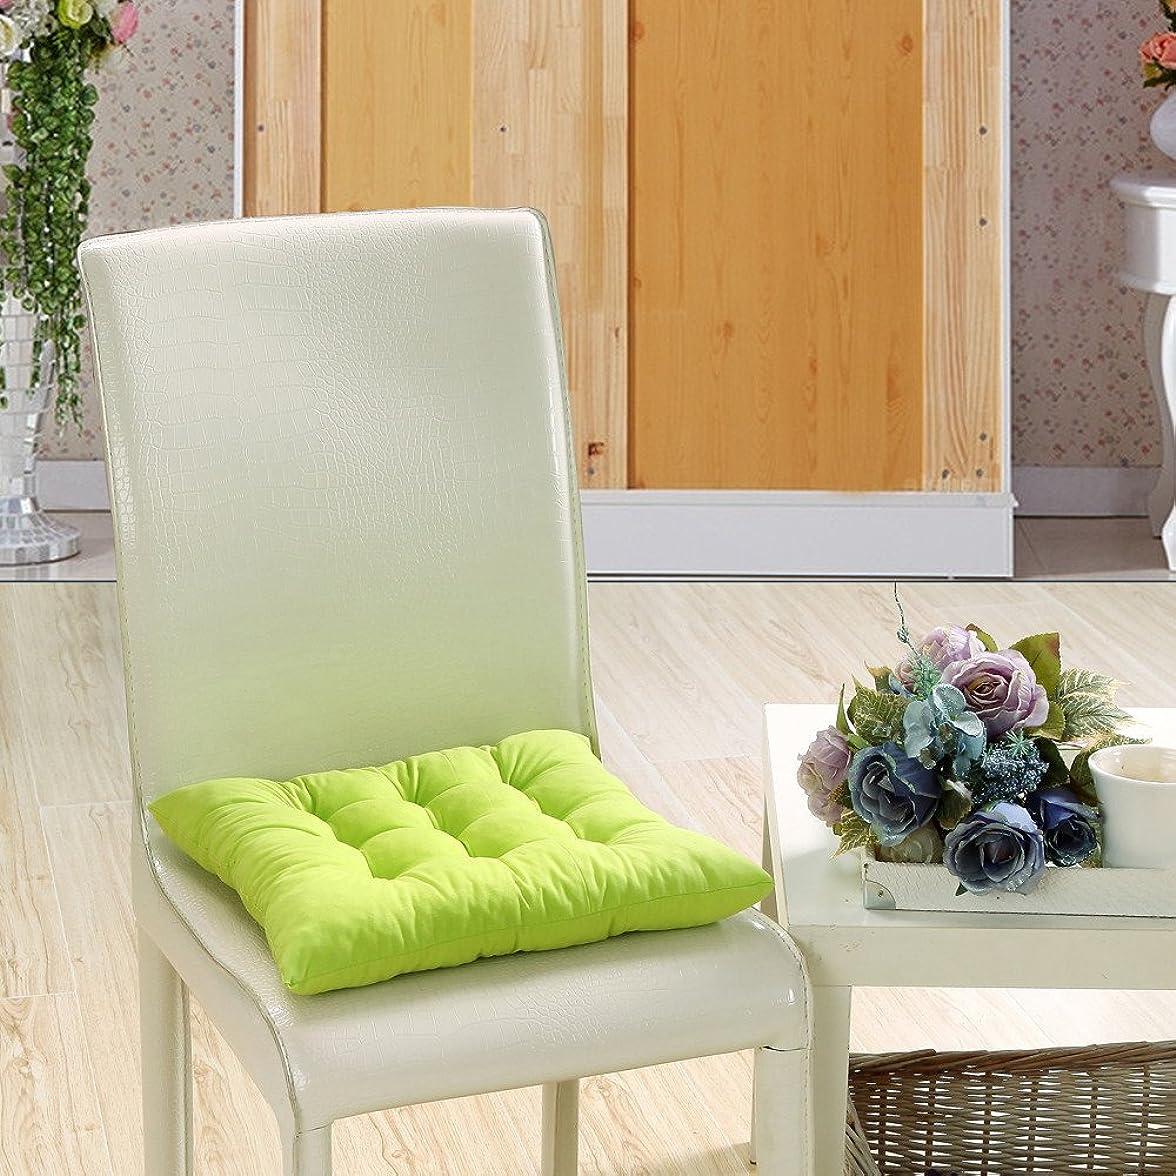 代わりに経済的解放Mangjiu ション 屋内チェアソフトクッション屋外ガーデン中庭ホームキッチンオフィスチェアクッション椅子クッション (緑)